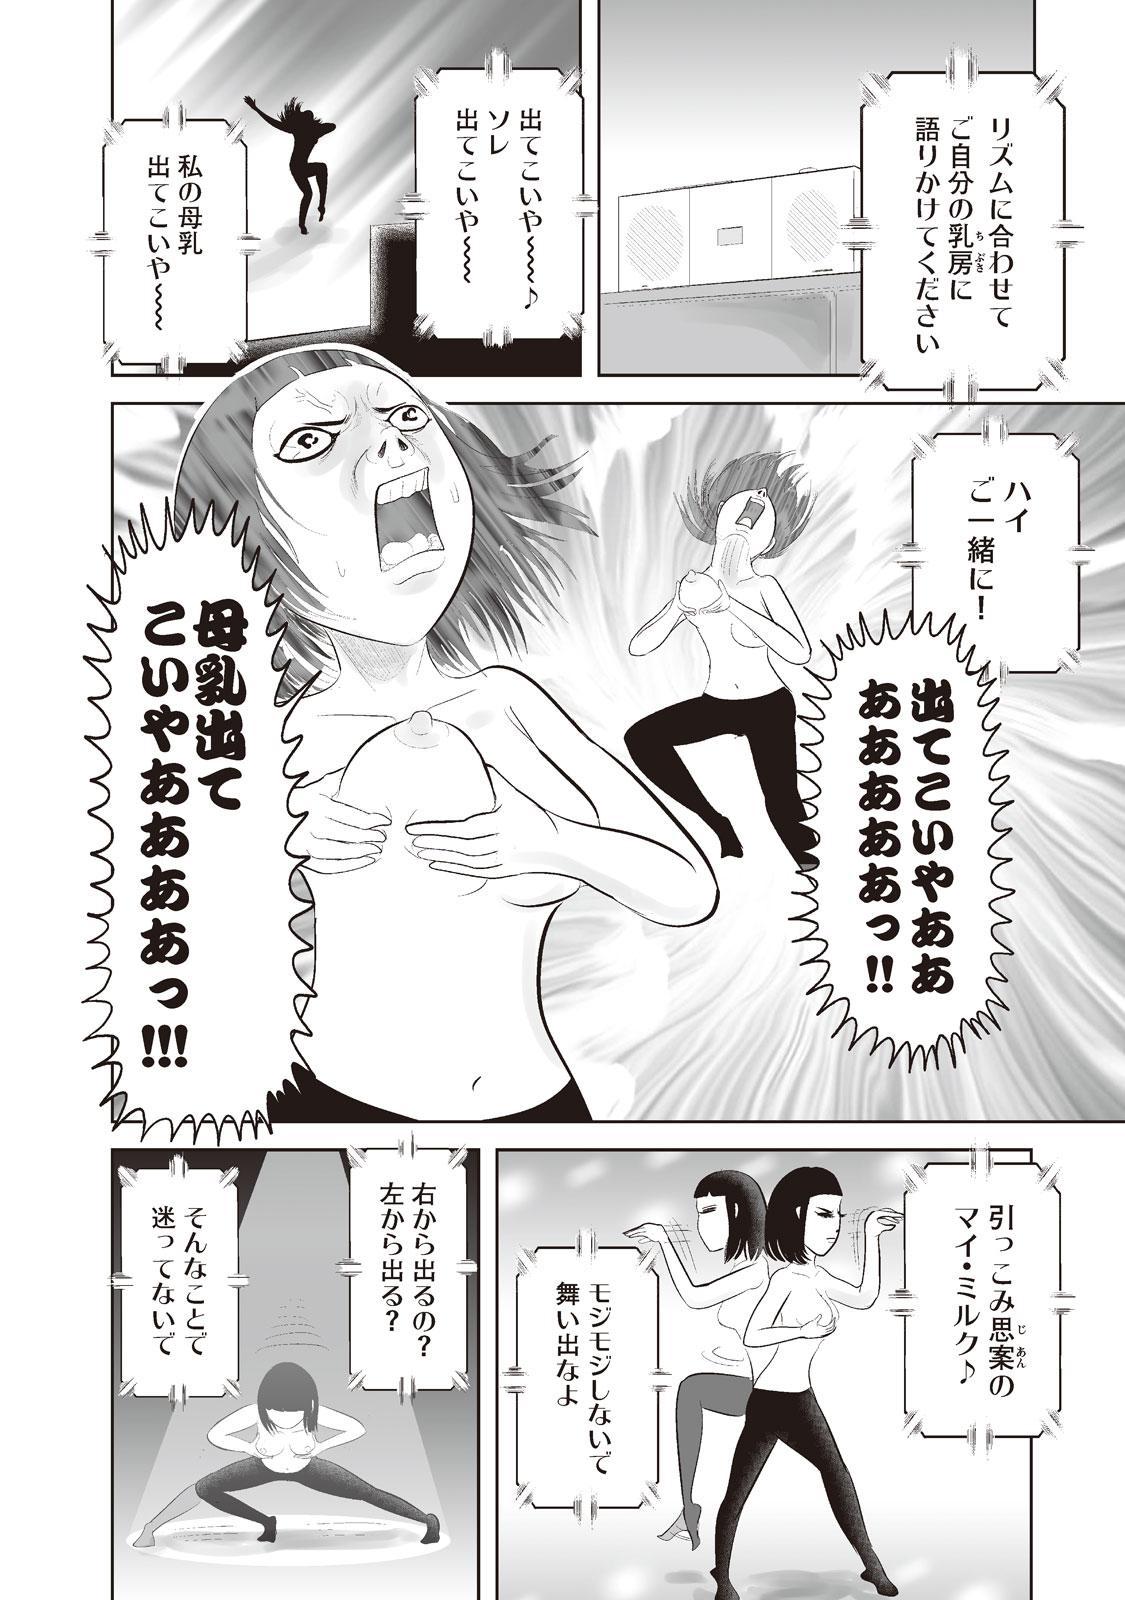 母乳が出ない!『バブバブスナック バブンスキー~ぼんこママがのぞく赤ちゃんの世界~ 第1話』